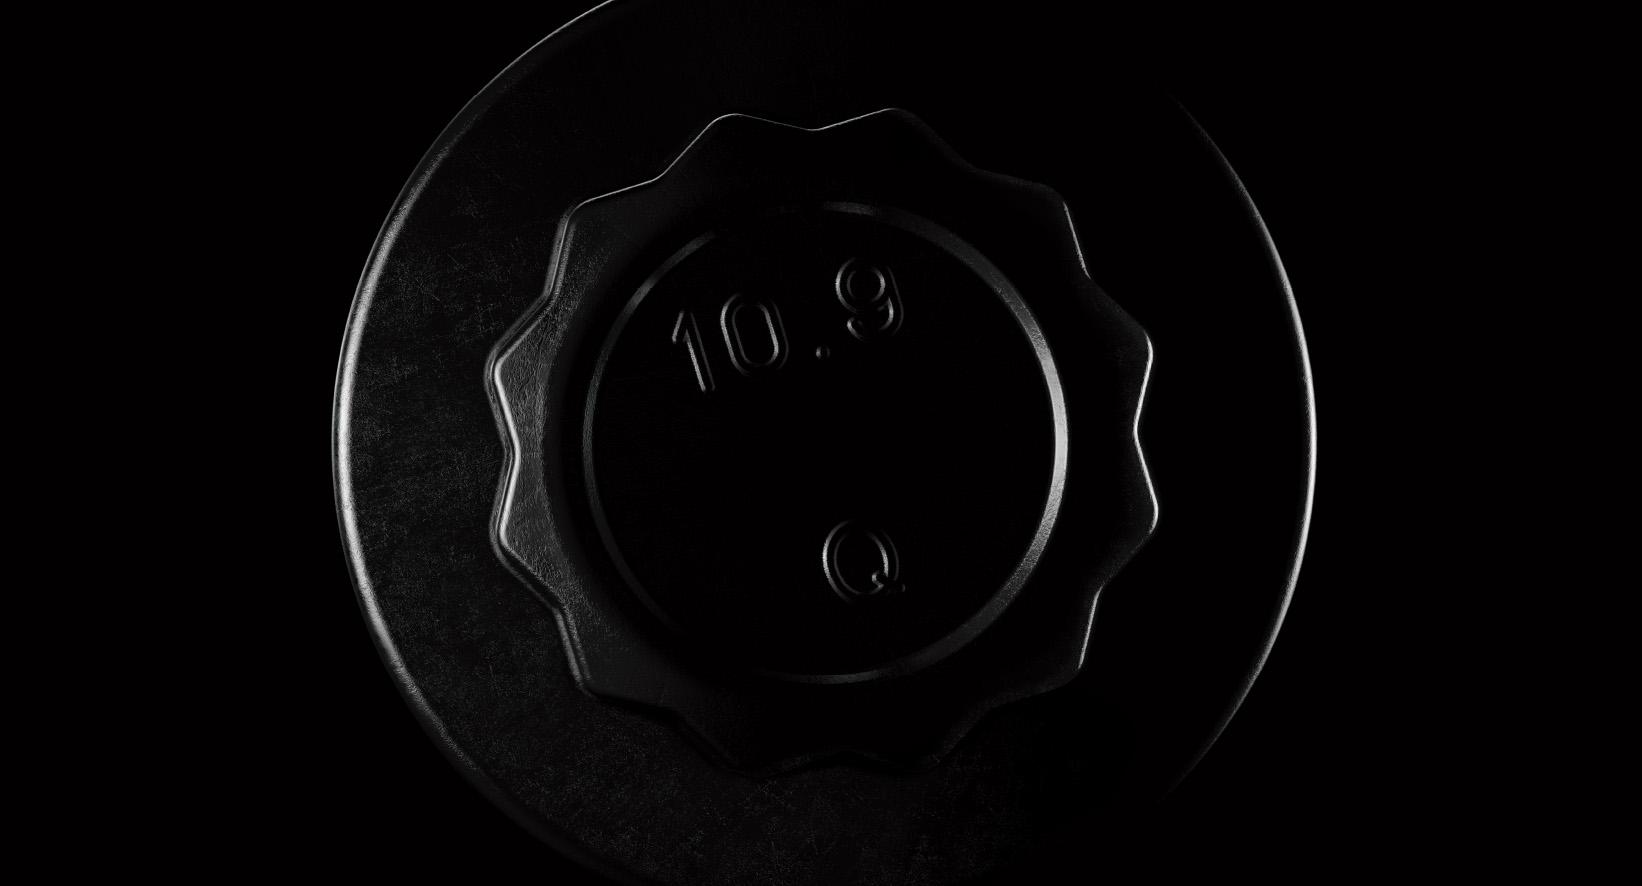 Optimas-Brand-01.jpg